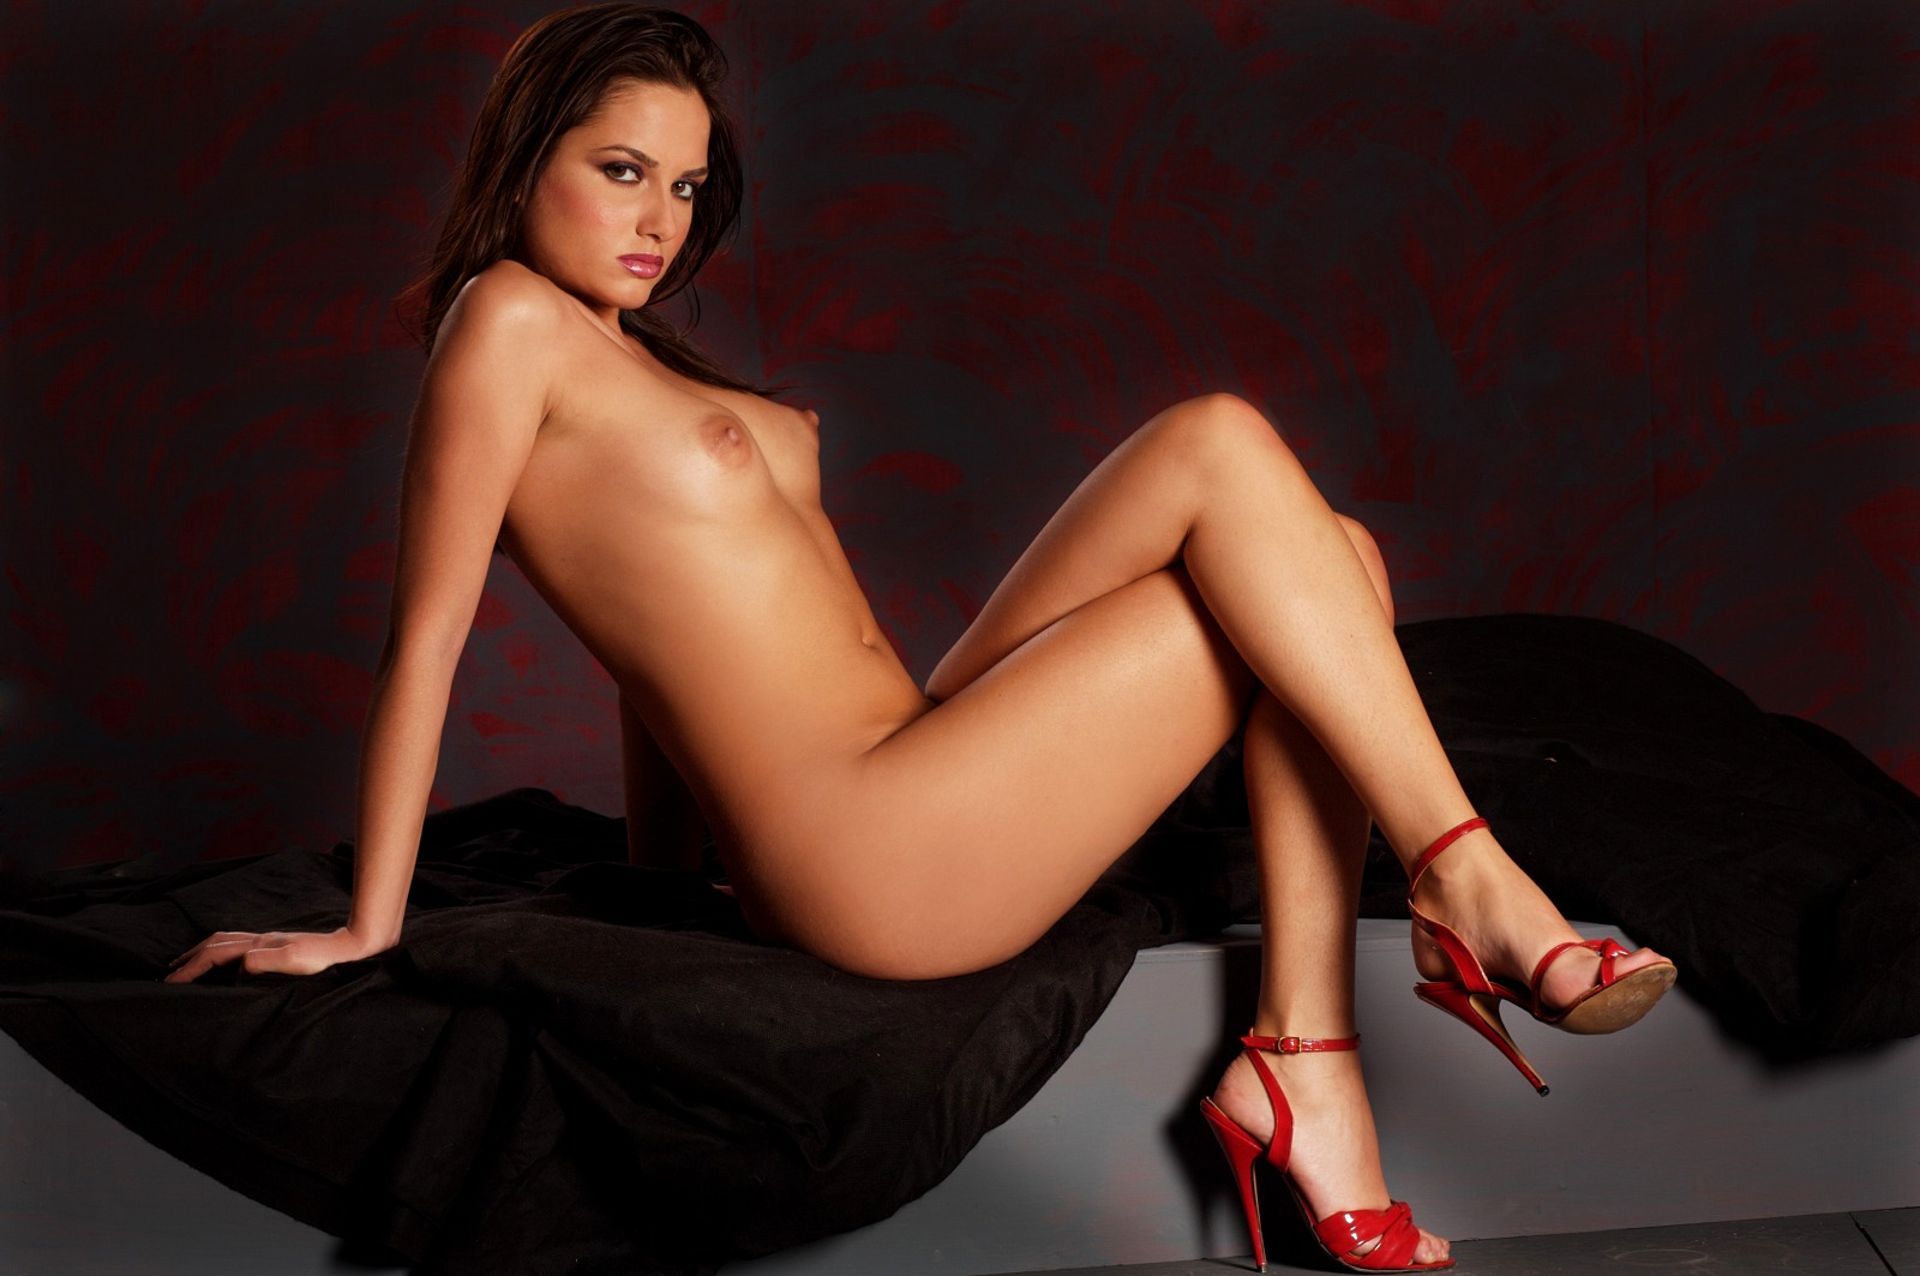 Юлия зимина фото лучшие эротические фото